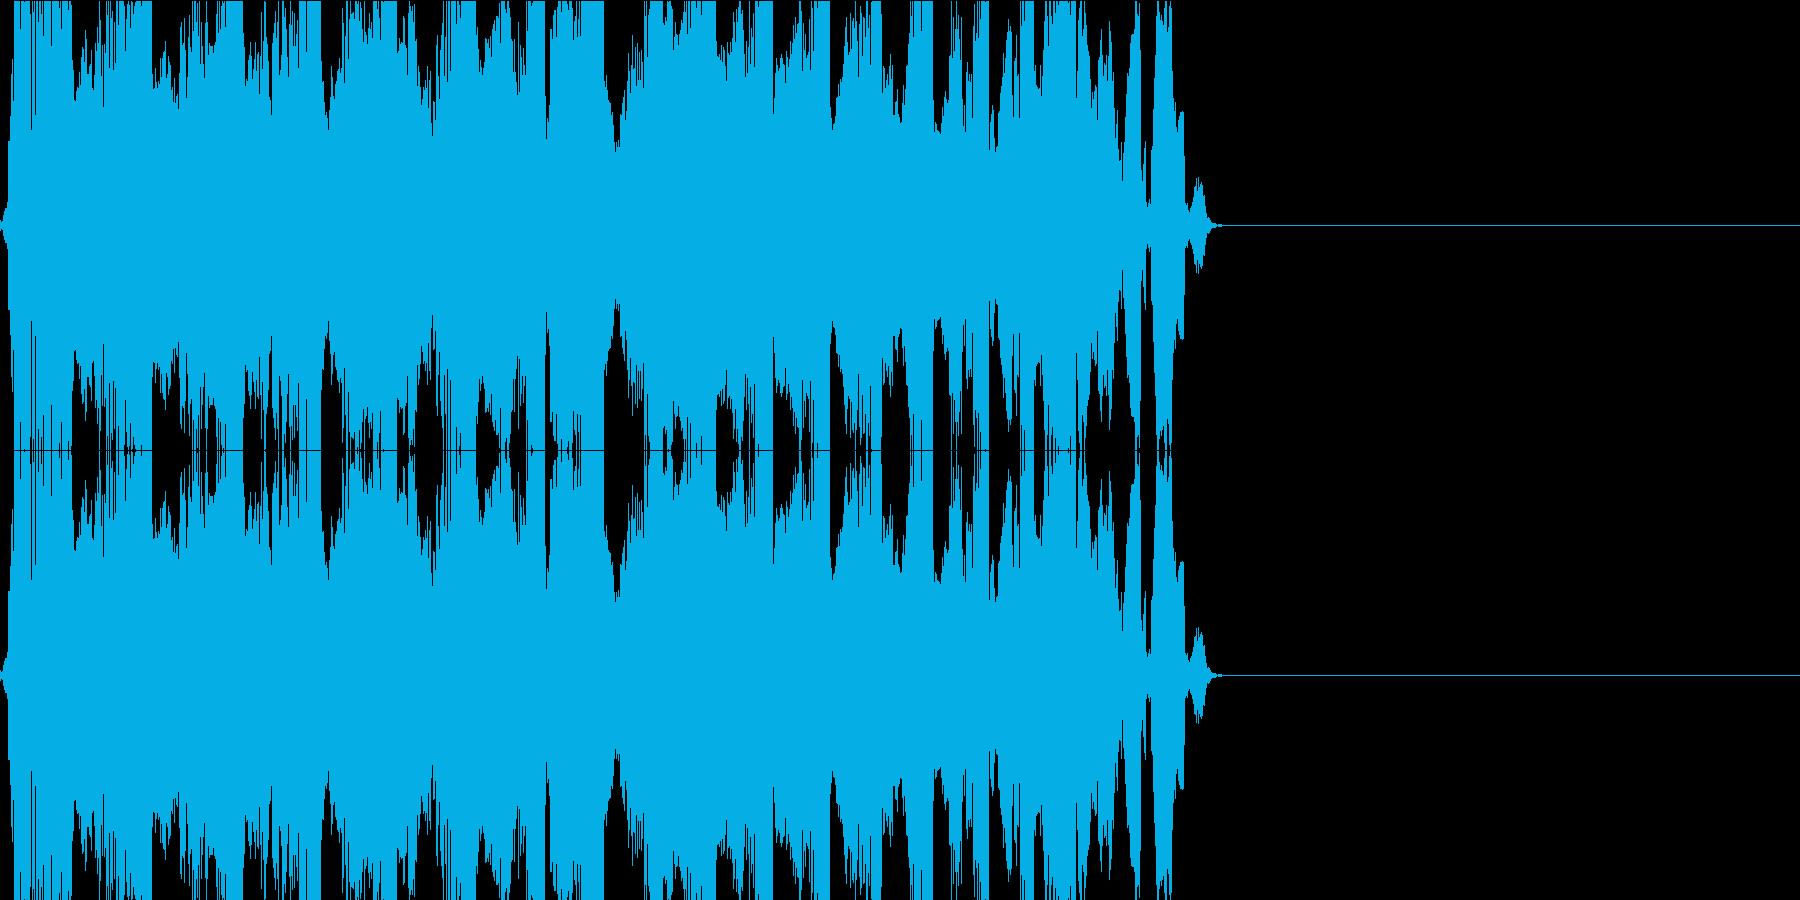 キュルキュル(VHS)の再生済みの波形